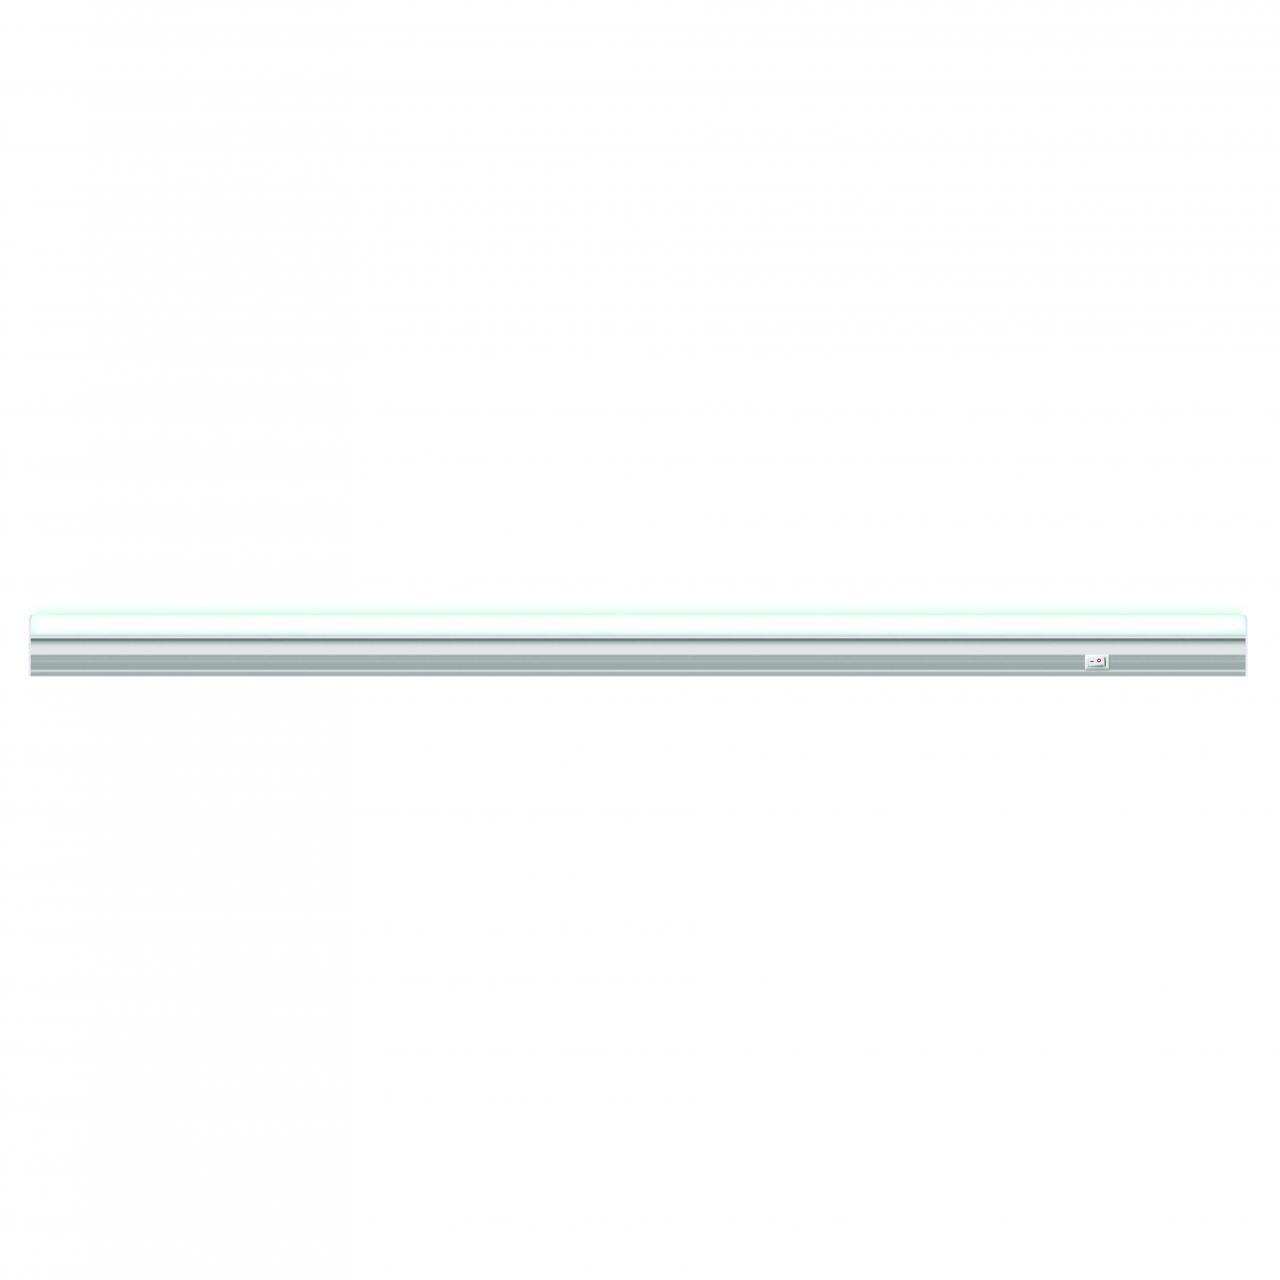 Декоративный светильник Uniel ULI-L02-5W-4200K-SL, LED, 5 Вт мебельный светодиодный светильник ul 00001447 uniel uli l24 8w 4200k